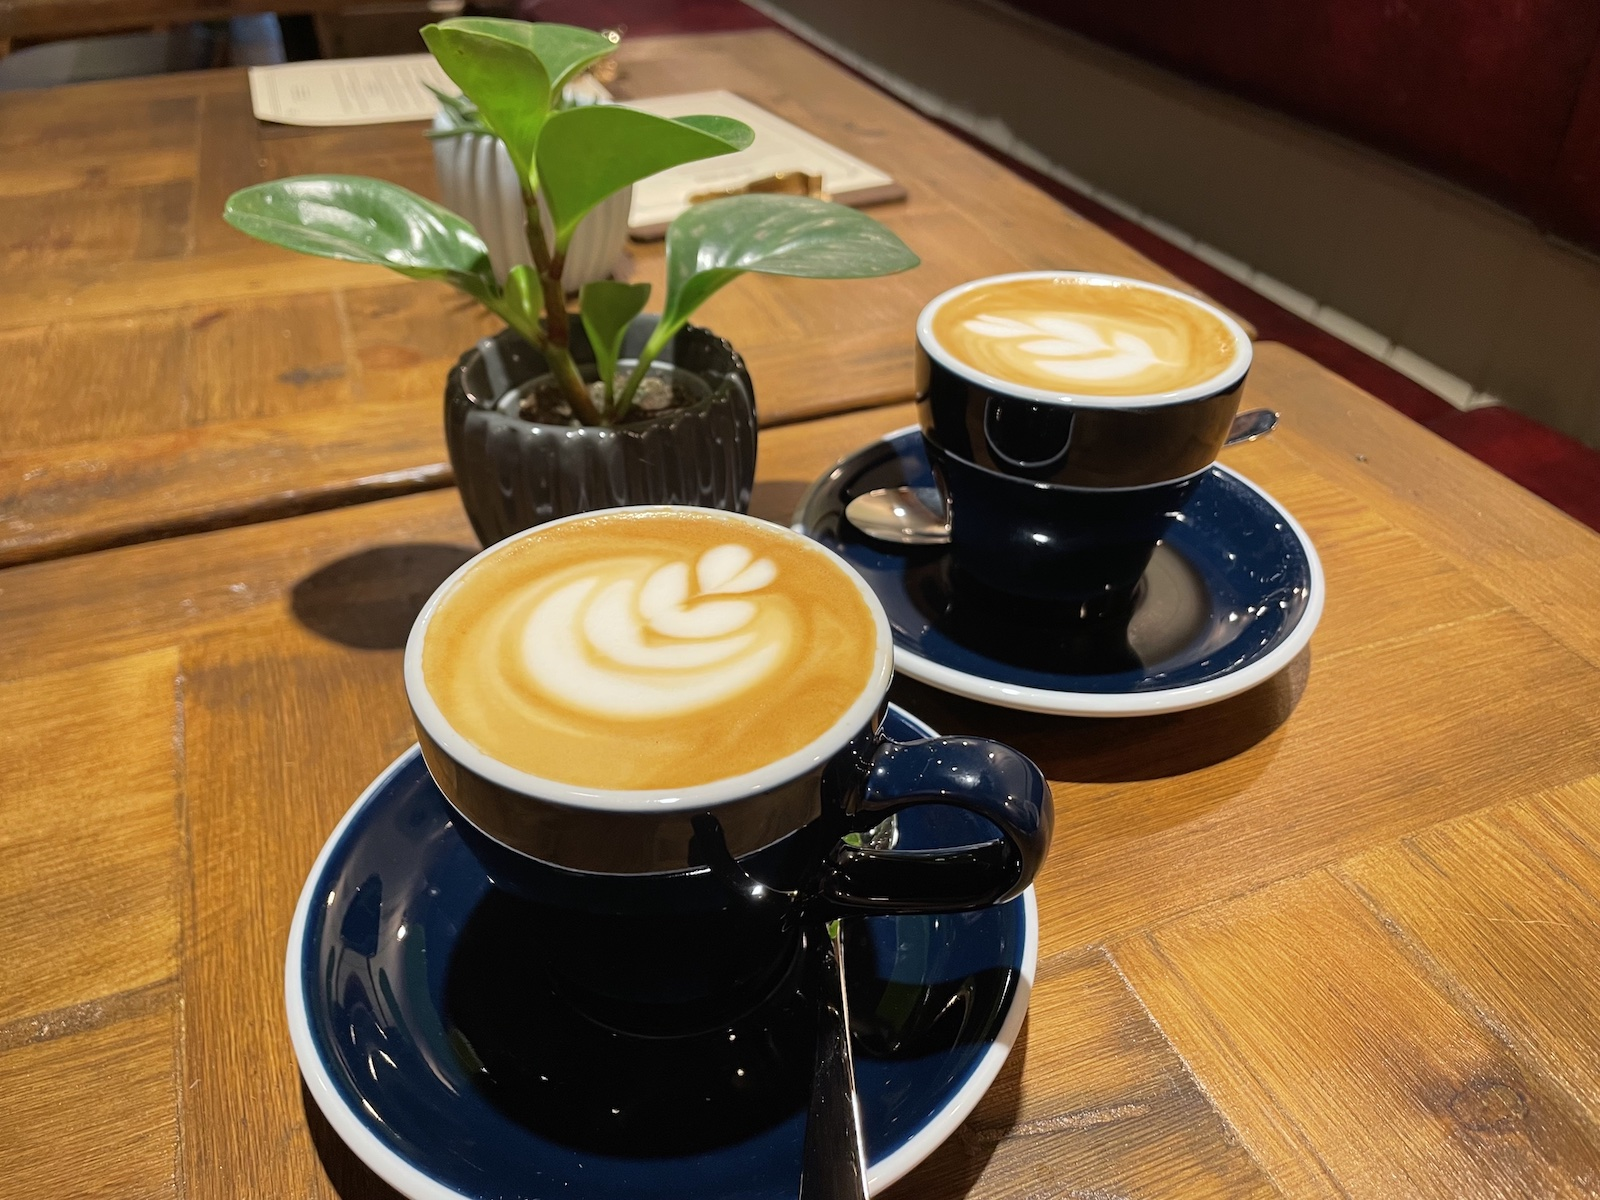 Coffee at The Gentlemen Baristas